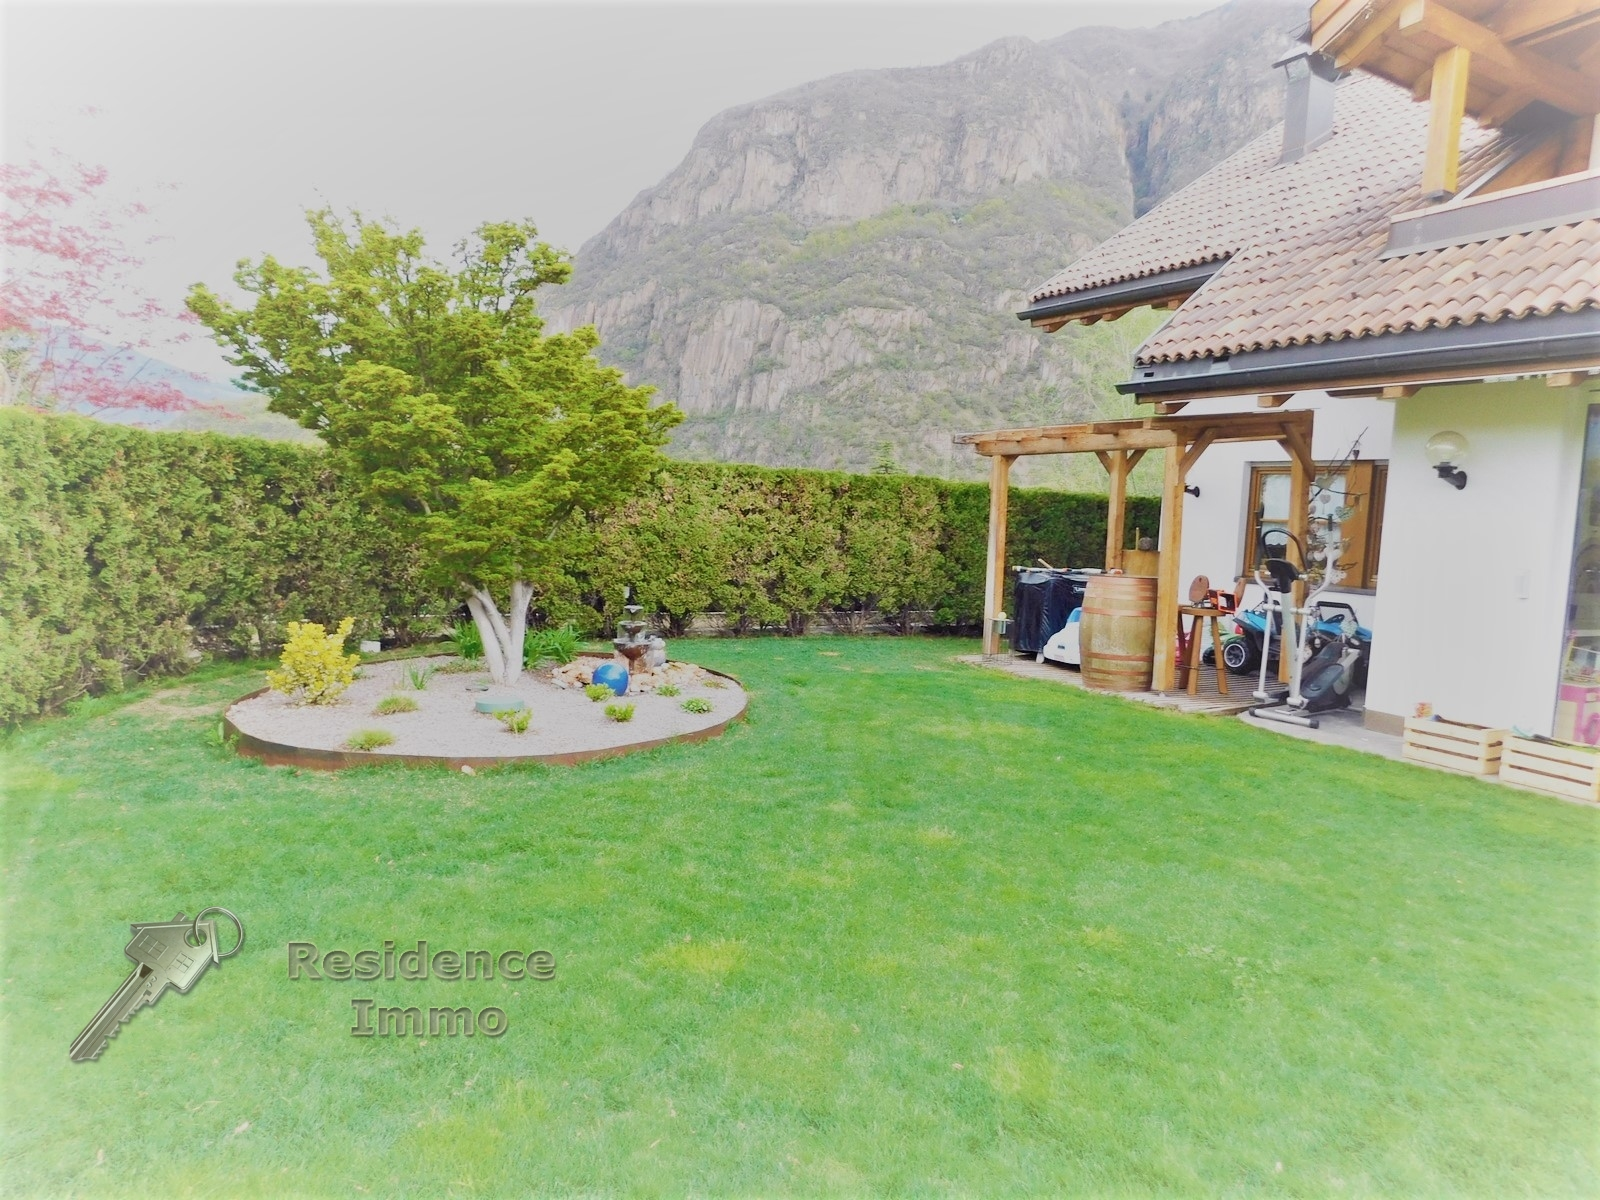 Villa Bifamiliare in vendita a Laives, 8 locali, zona Località: SanGiacomo, Trattative riservate | CambioCasa.it